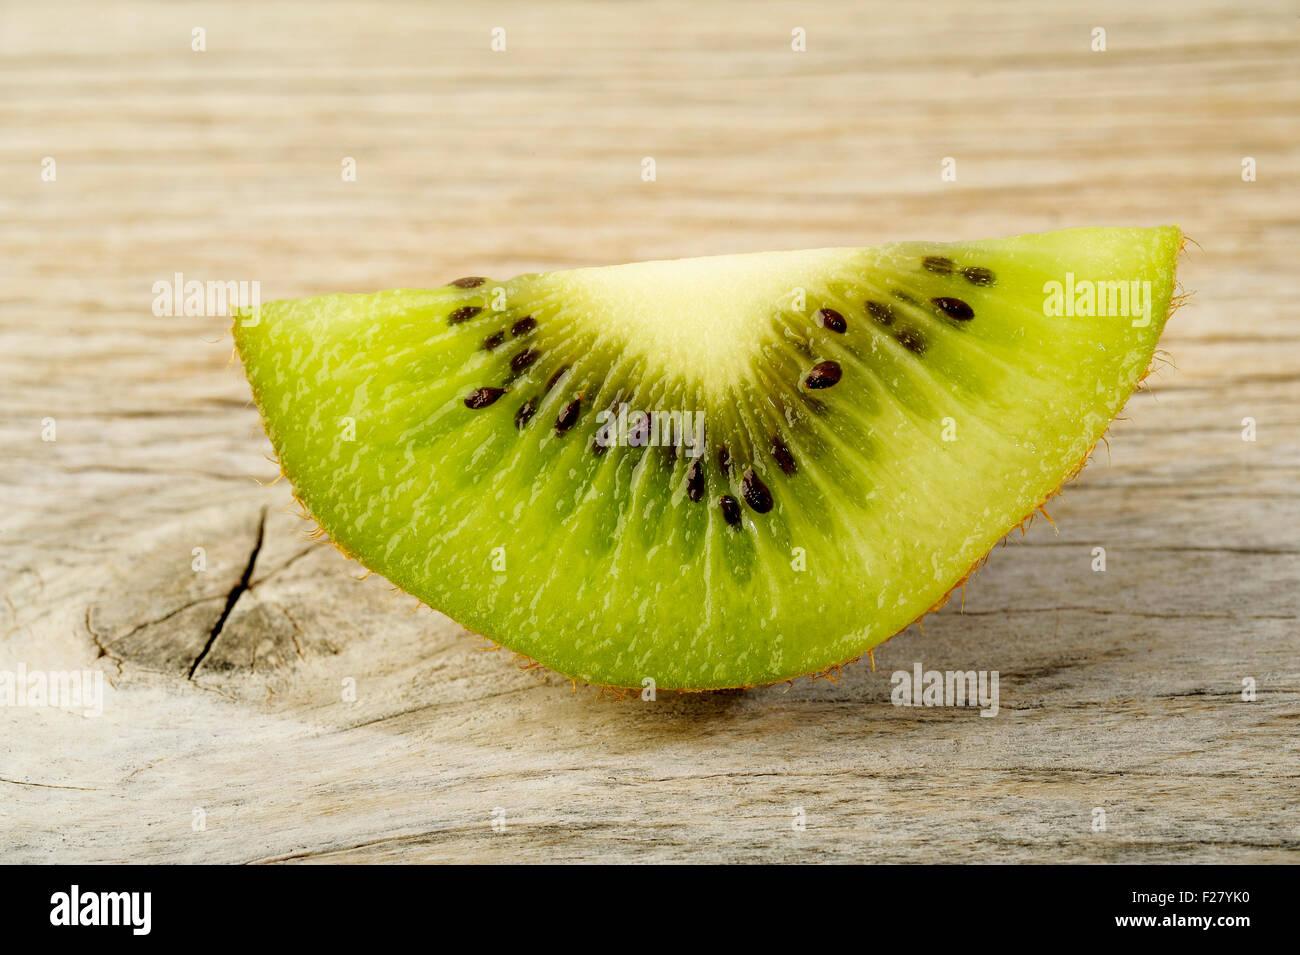 kiwi fruit on old wooden background - Stock Image